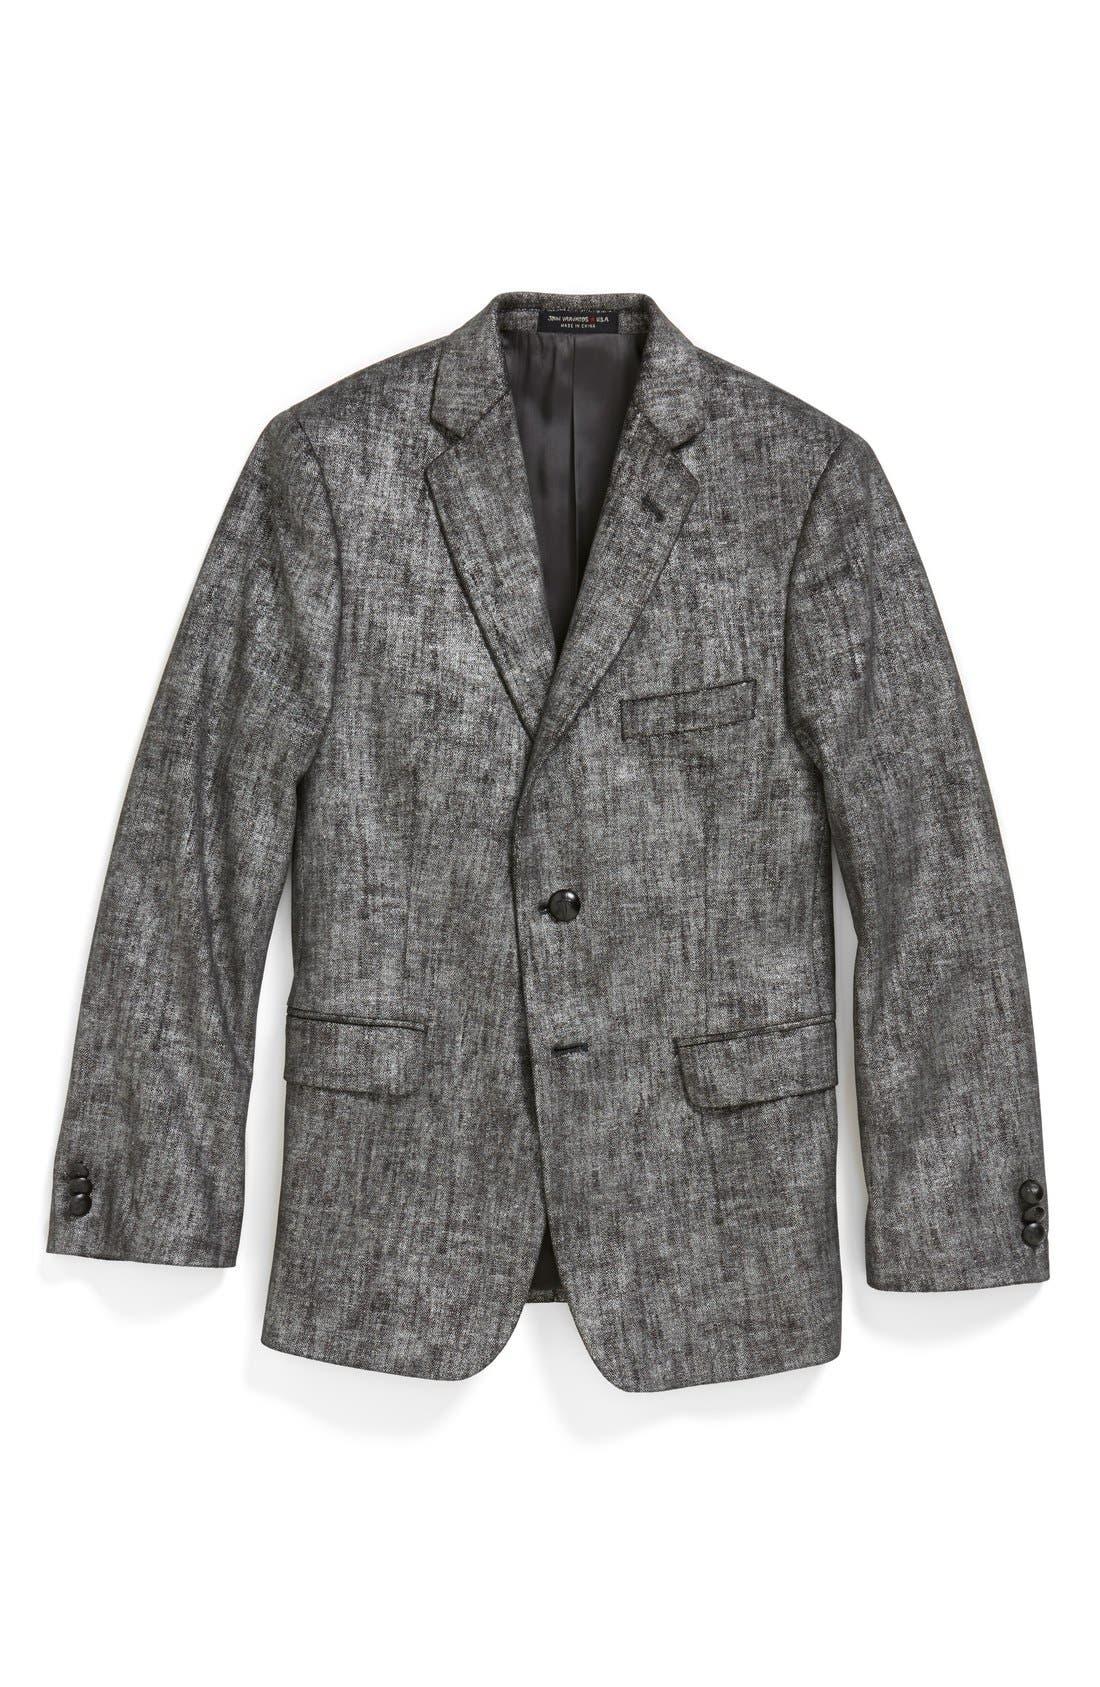 Alternate Image 1 Selected - John Varvatos Star USA 'Bloft' Sport Coat (Big Boys)